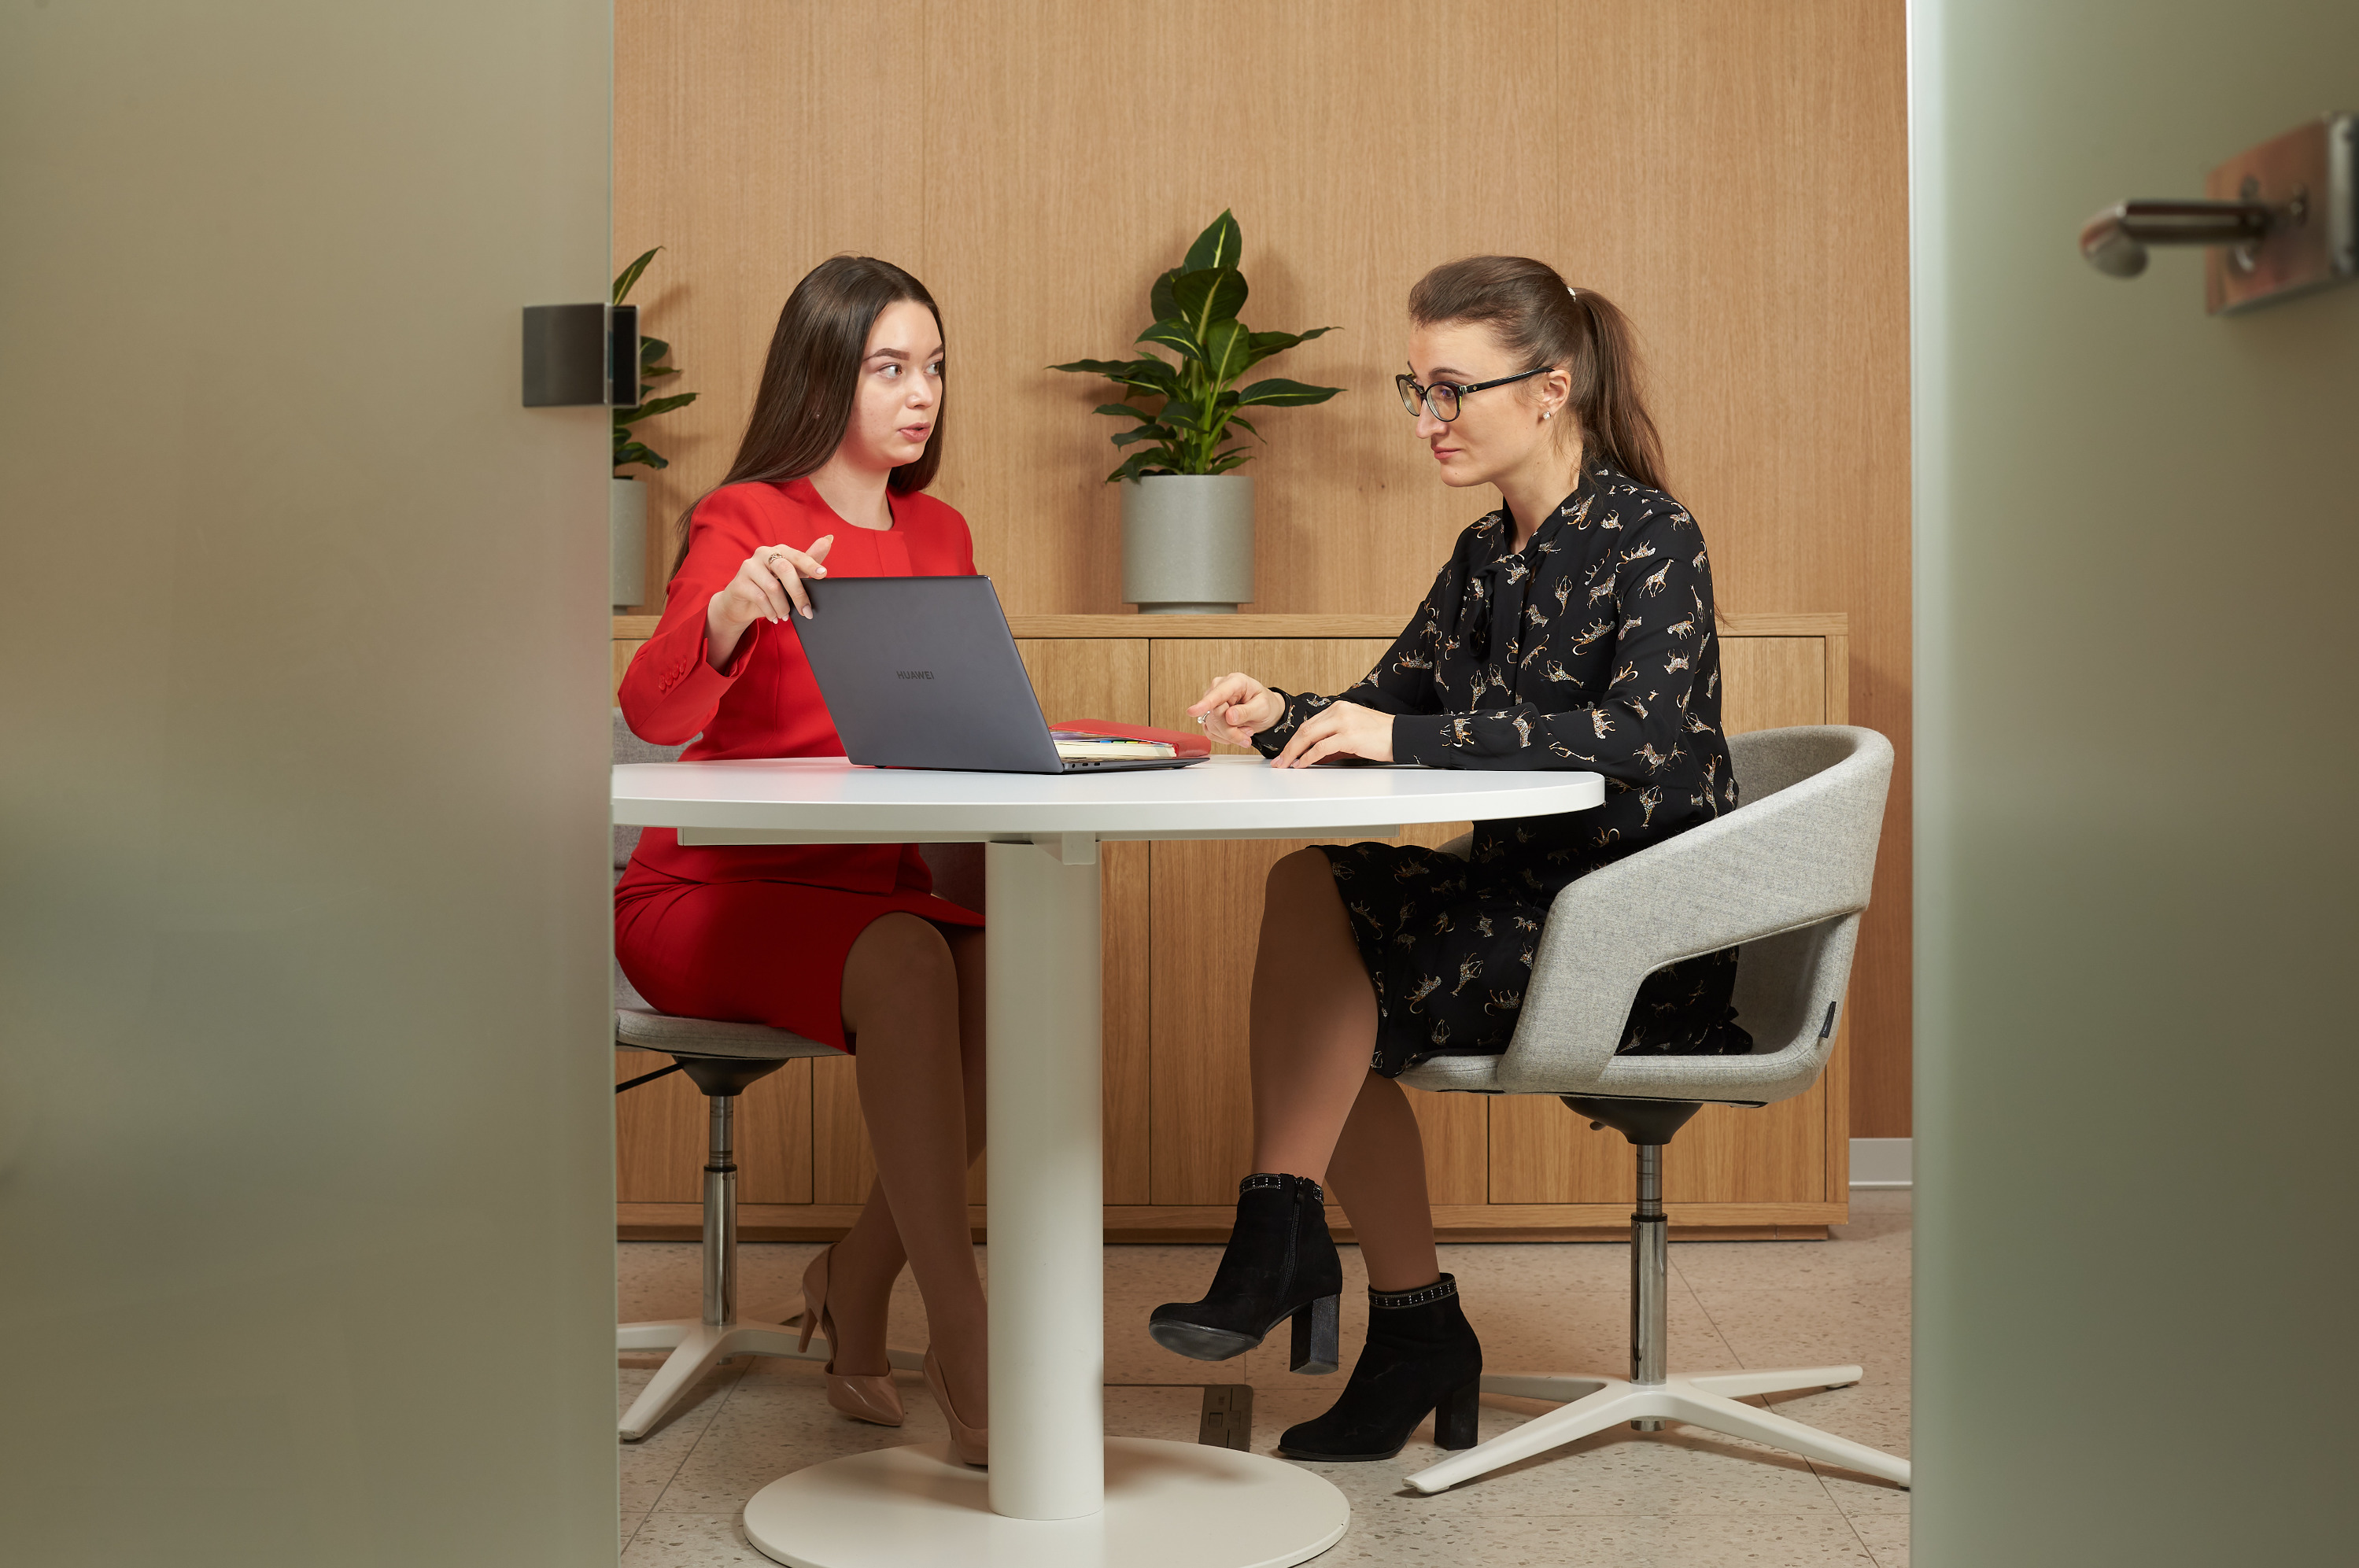 В планах Альфа-Банка — открытие еще одного phygital-офиса в Красноярске в ближайшее время